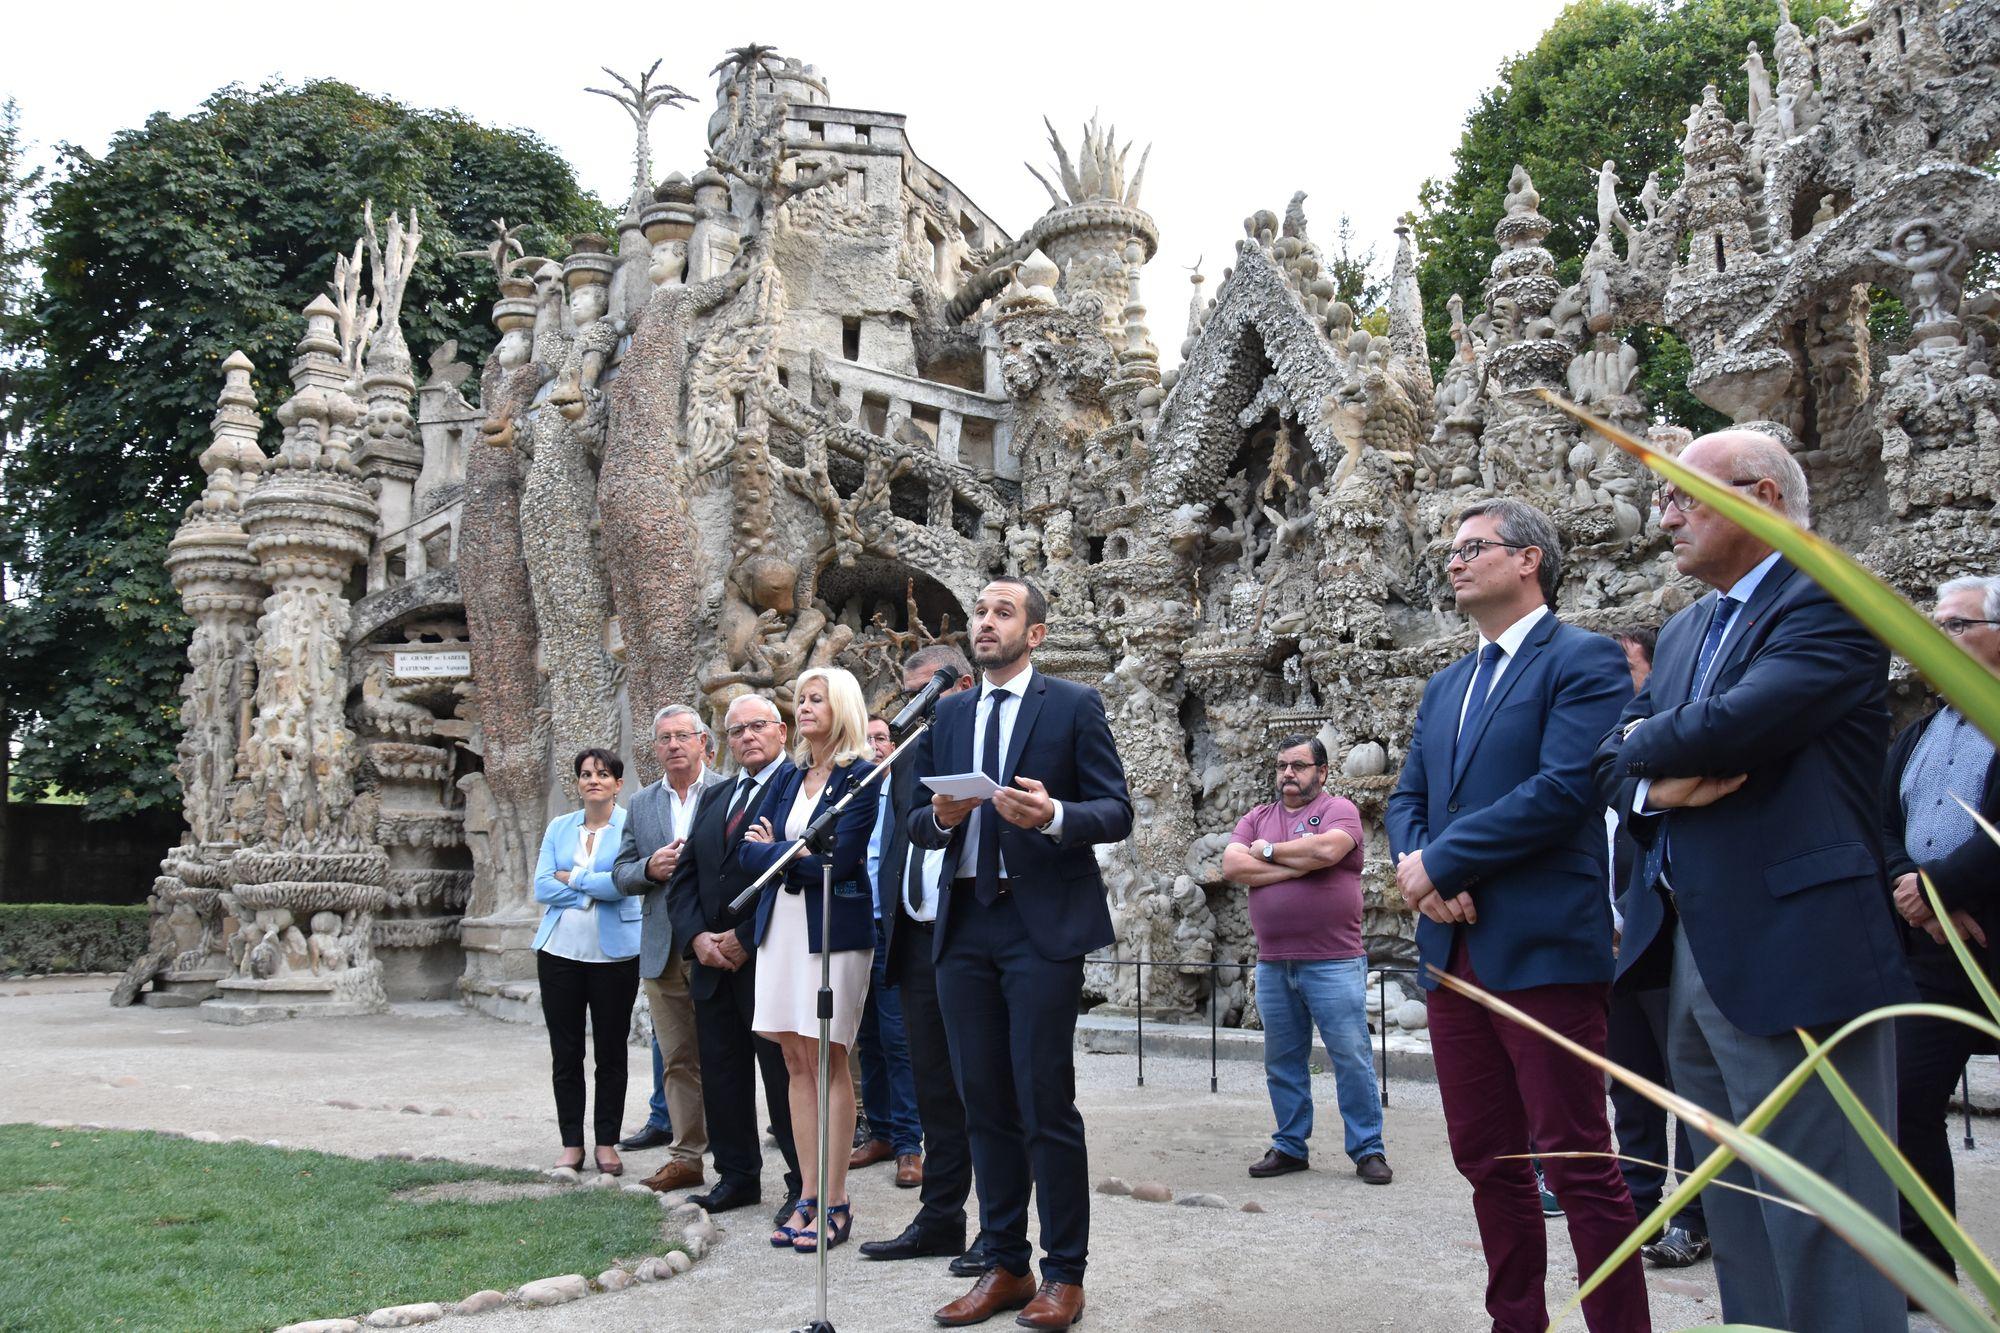 Le Palais Idéal du Facteur Cheval bientôt classé au patrimoine mondial de l'UNESCO ?